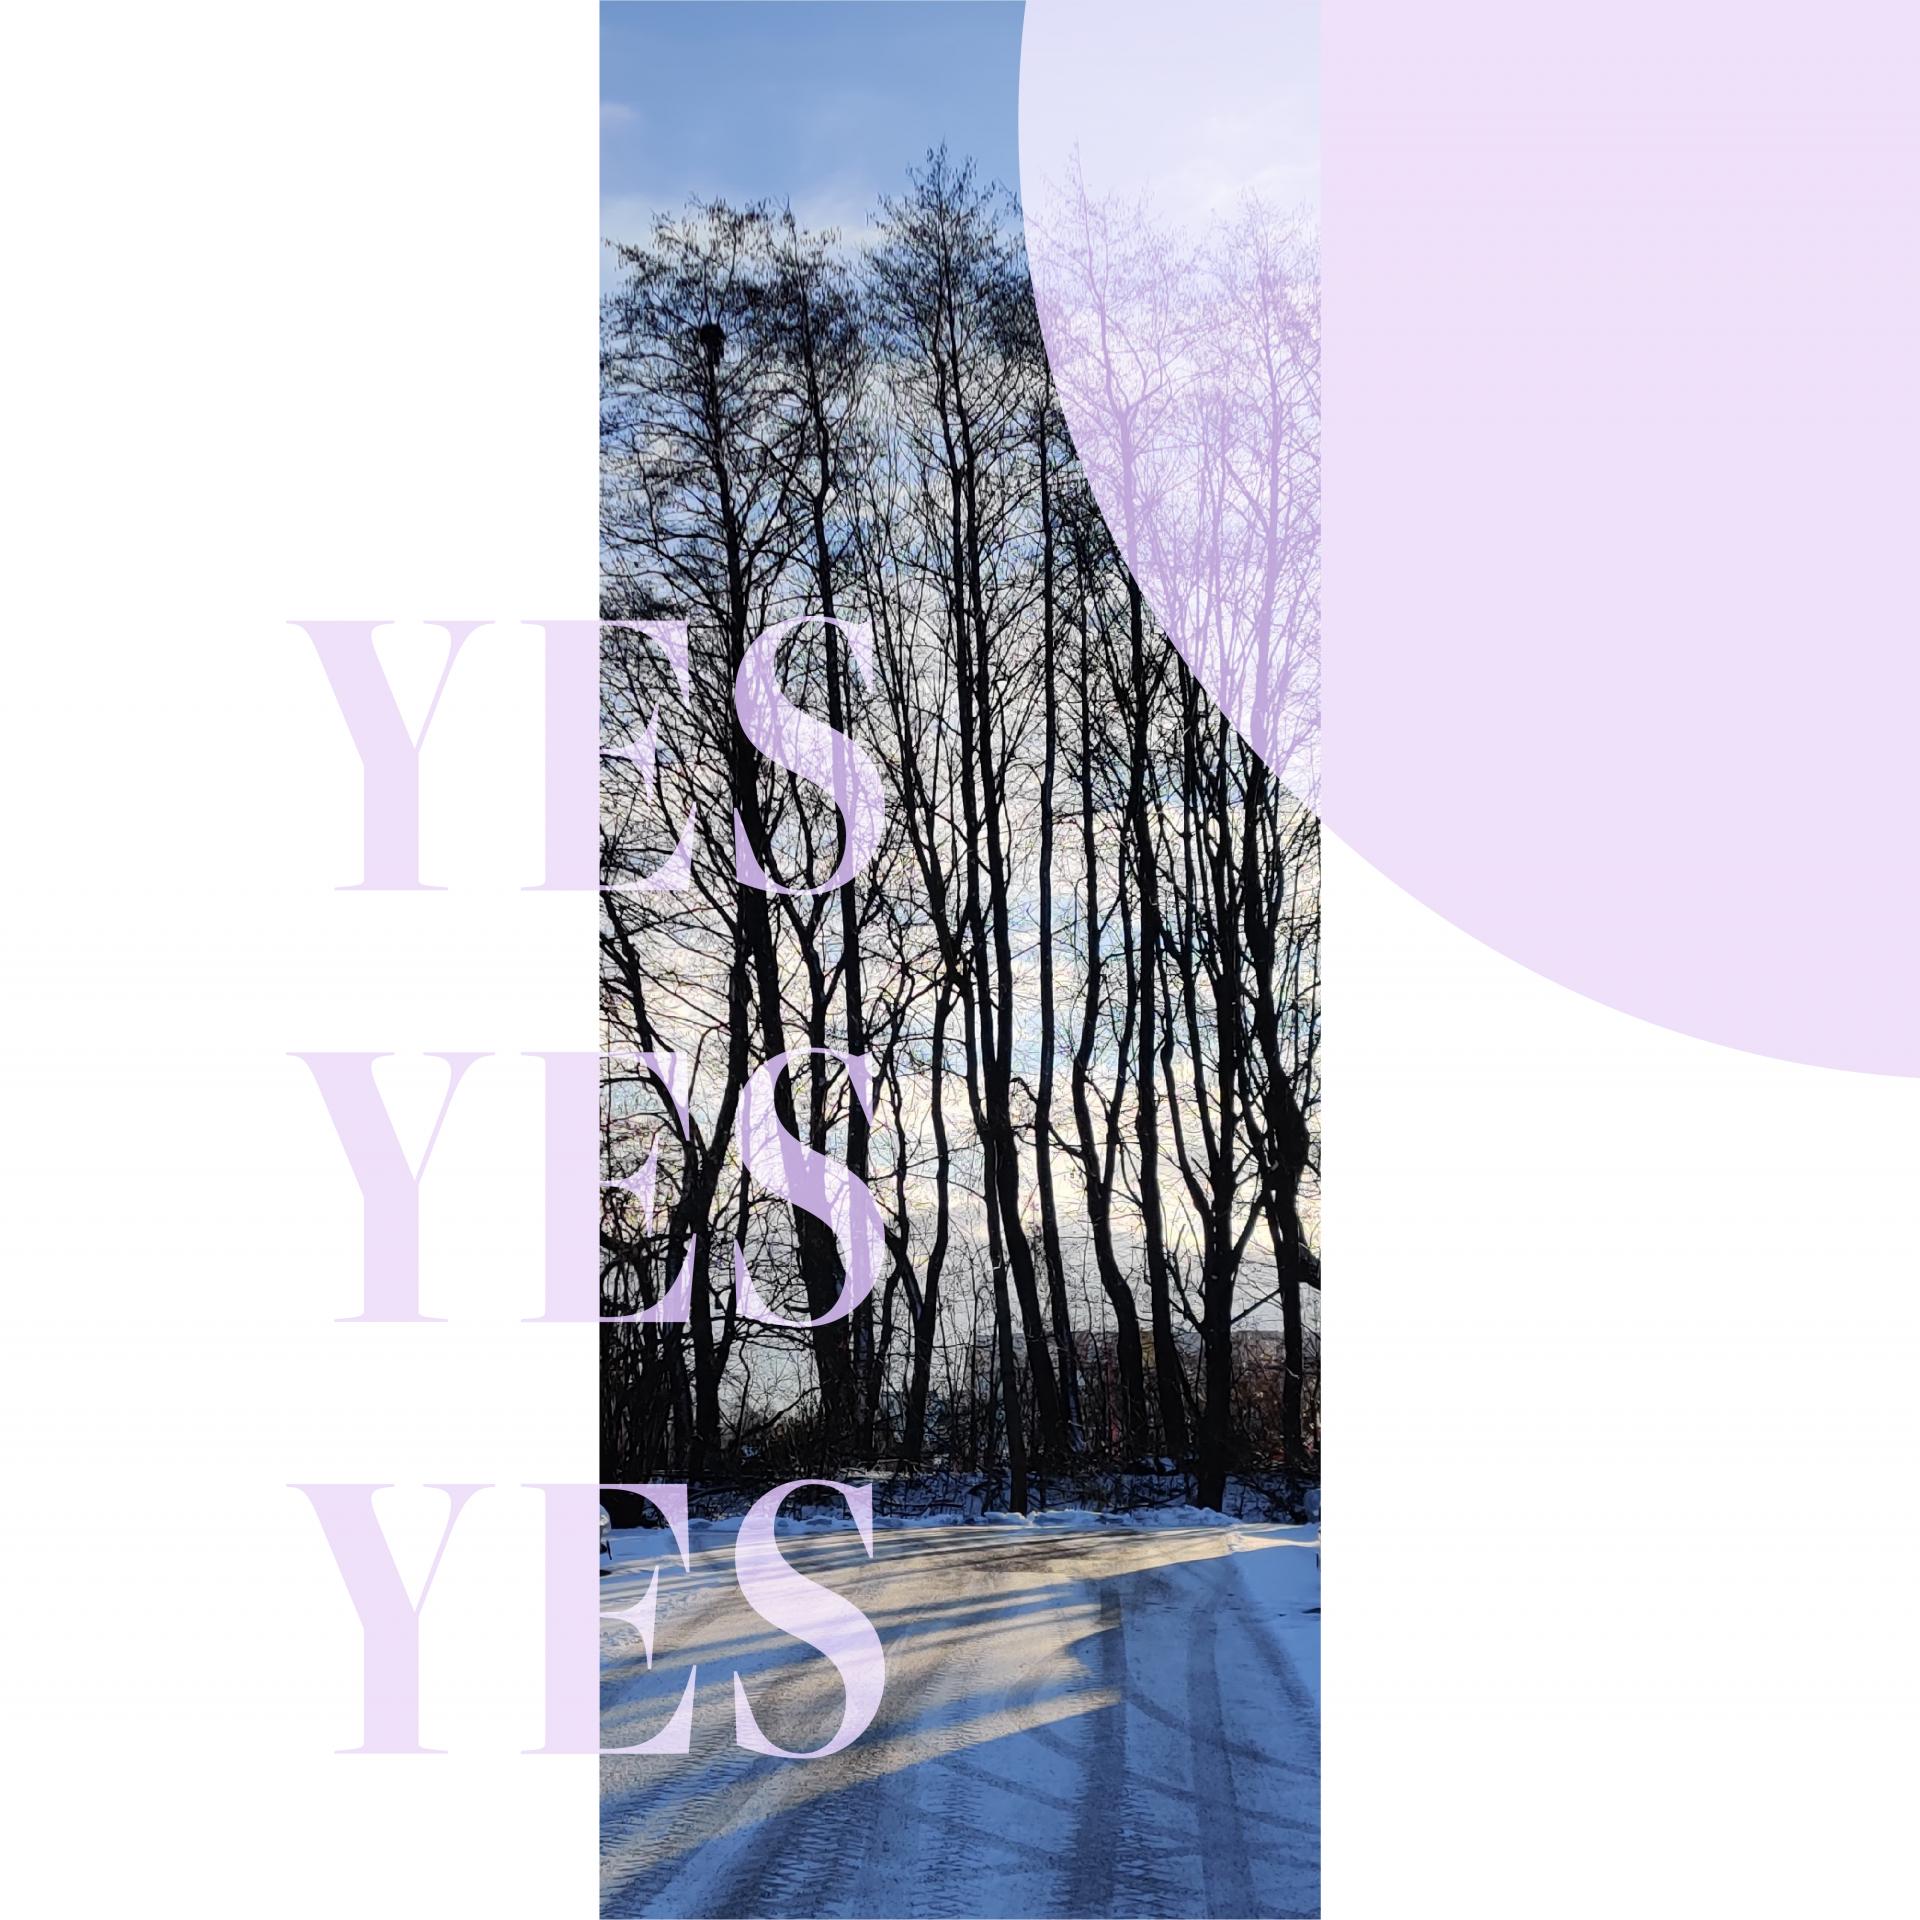 """grafikdesign, quadrat, hintergrund weiß. rechts oben ist ein drittel eines pinken kreises, links steht übereinander drei mal """"YES"""" in derselben farbe. im hintergrund ist mittig ein streifen eines fotos von einer winterszene, schnee, blauer himmel, sonne und schwarze baumsilhouetten"""